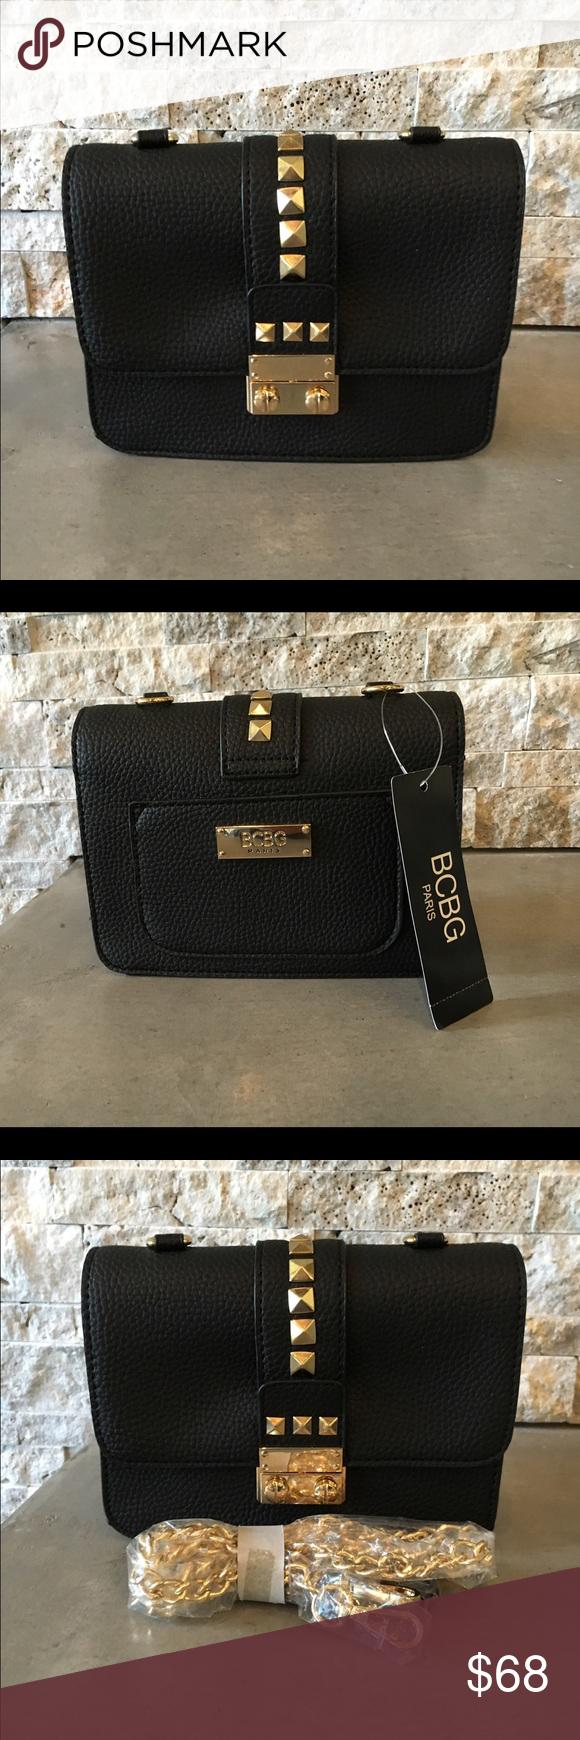 d51864f7f0 BCBG Studded Caviar Mini Crossbody handbag NWT BCBG Studded Caviar handbag  in black. Faux leather. Gold tone stud accents and press button lock  closure.